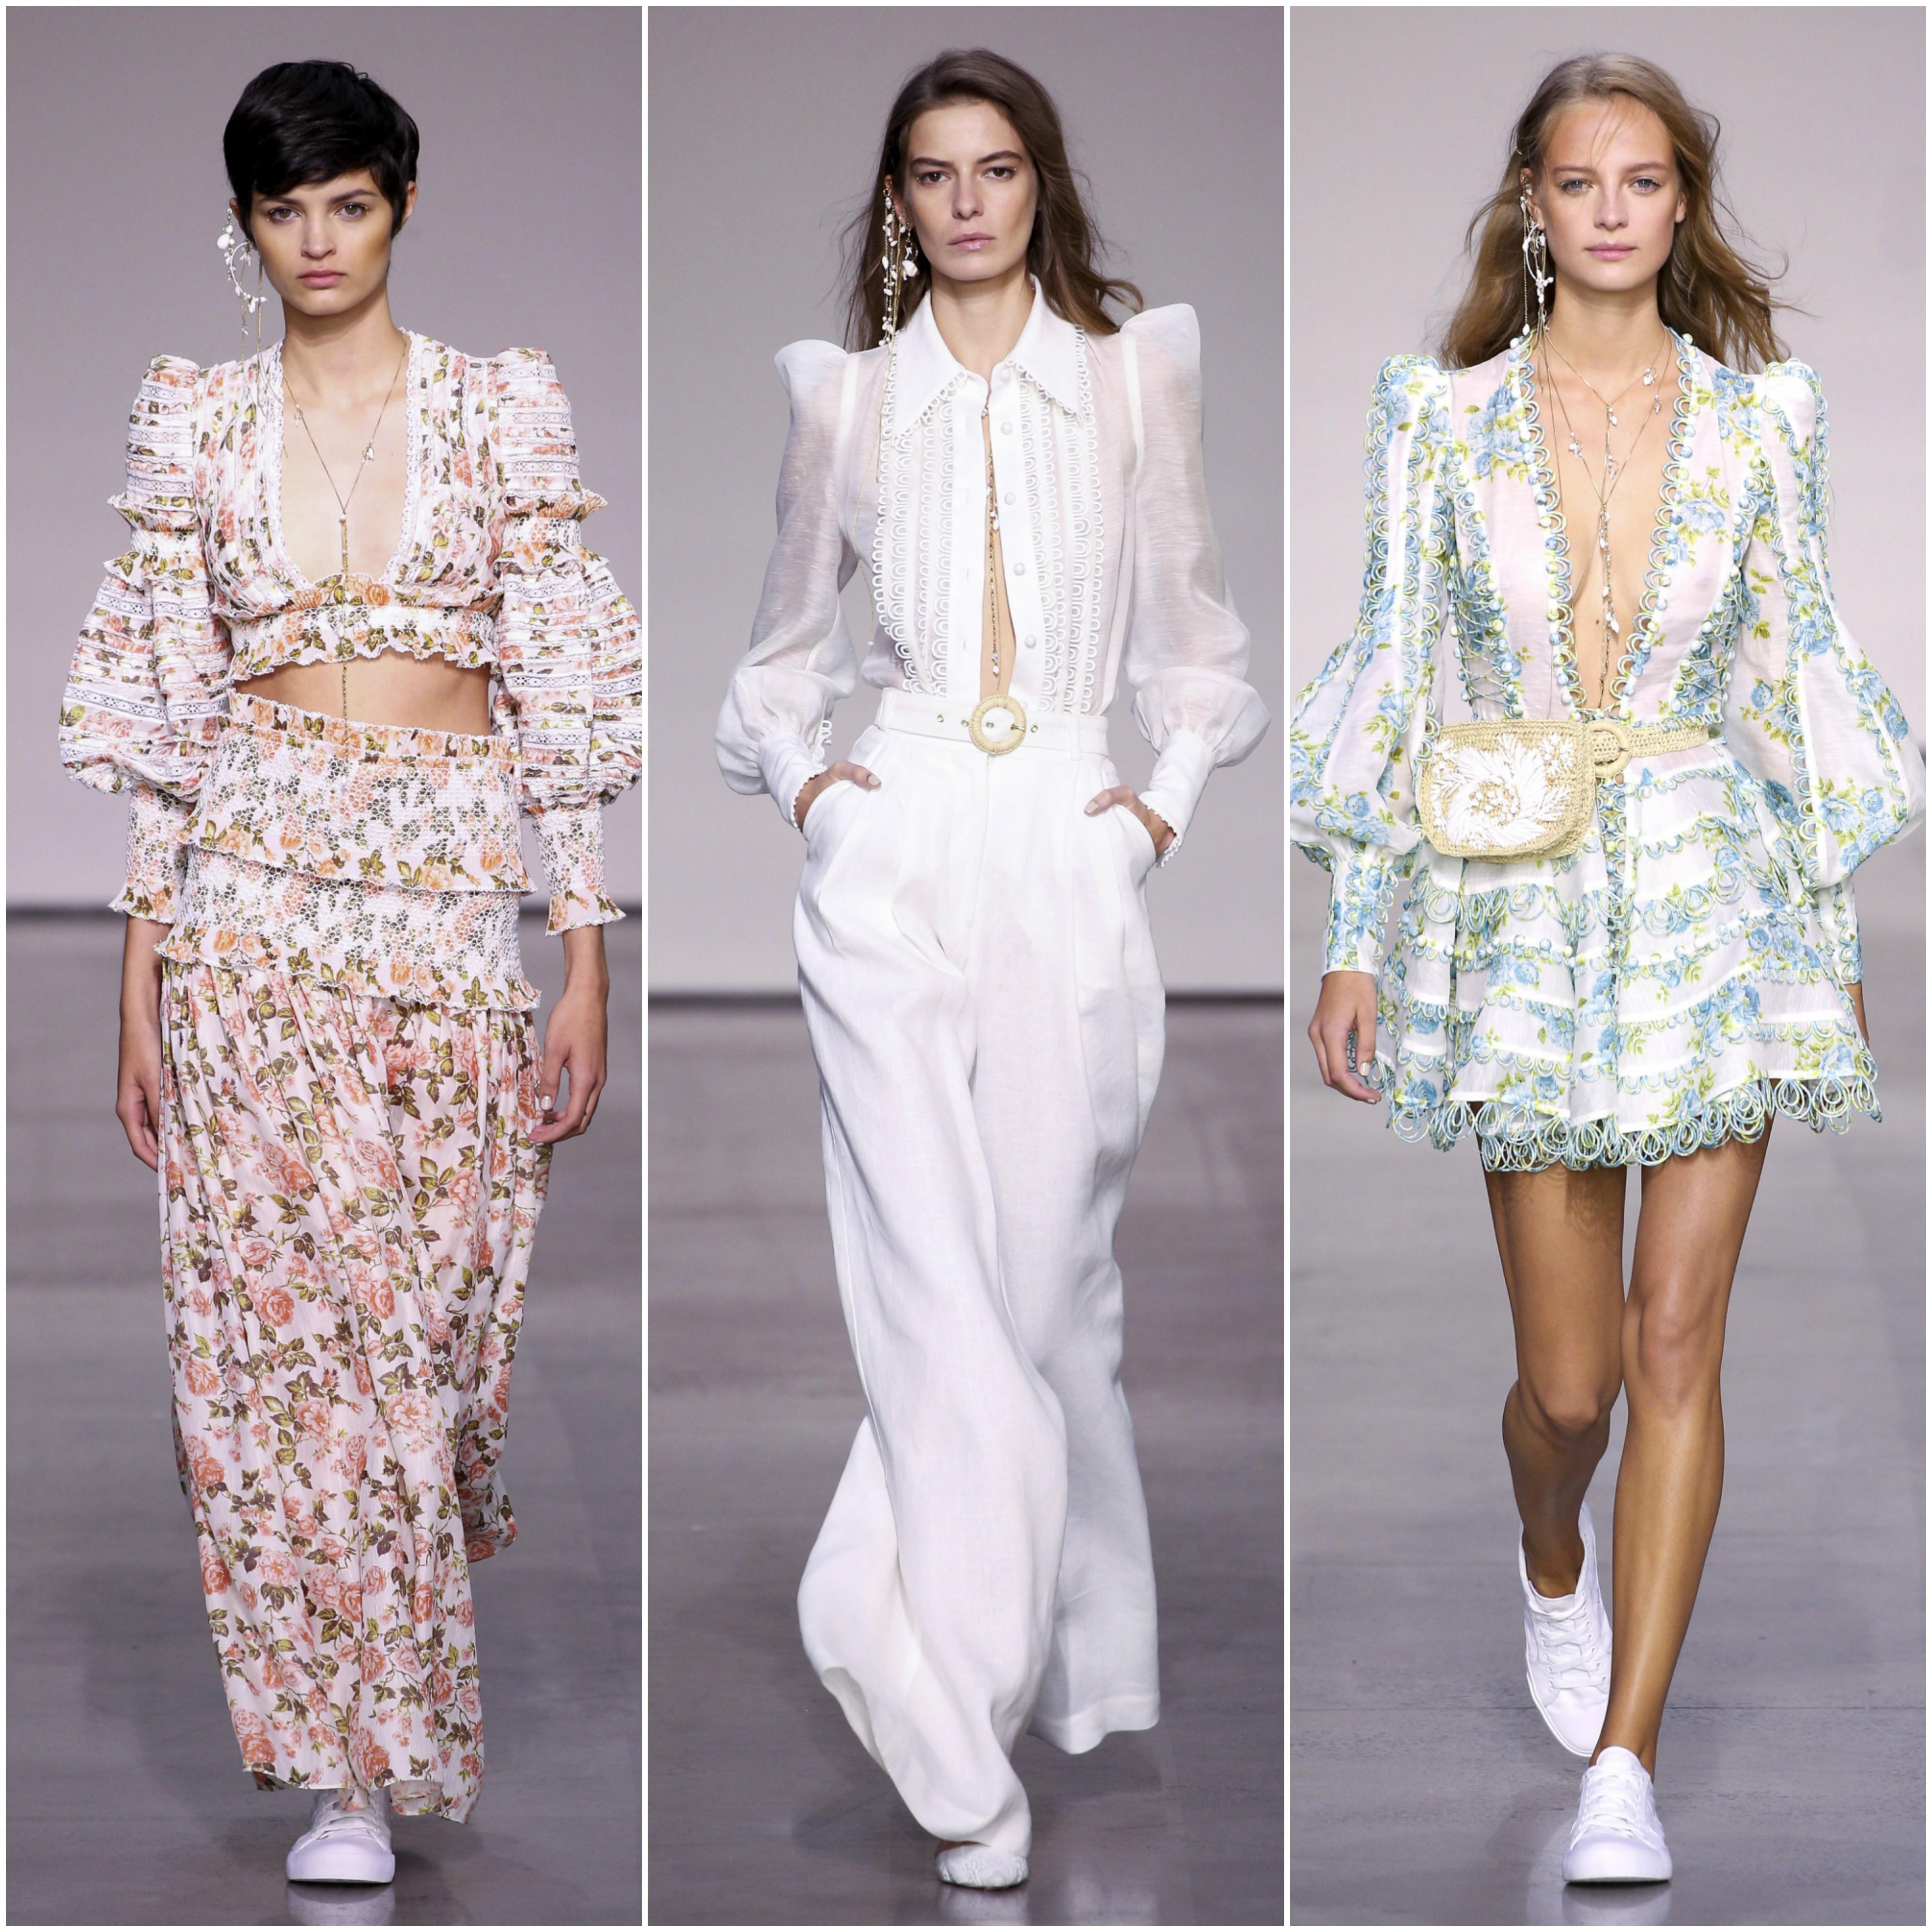 https://eu.zimmermannwear.com/, dressedbytia.com, Tia Stankova, Stylist